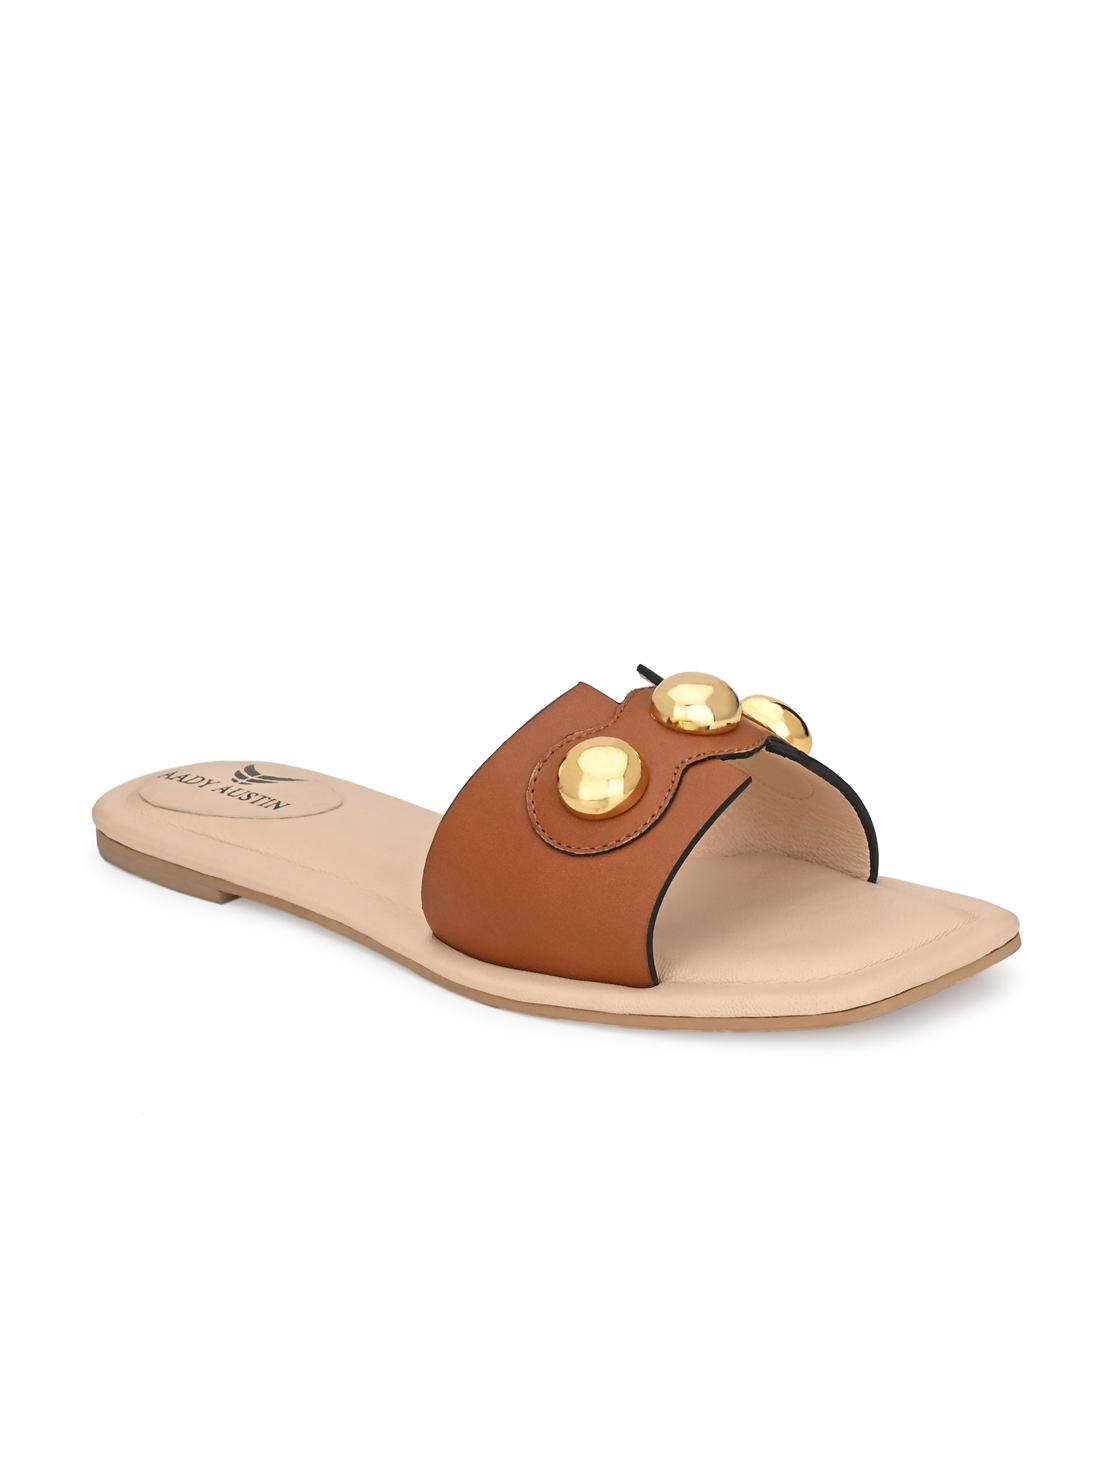 AADY AUSTIN | Aady Austin Women's Trendy Tan Square Toe Flats